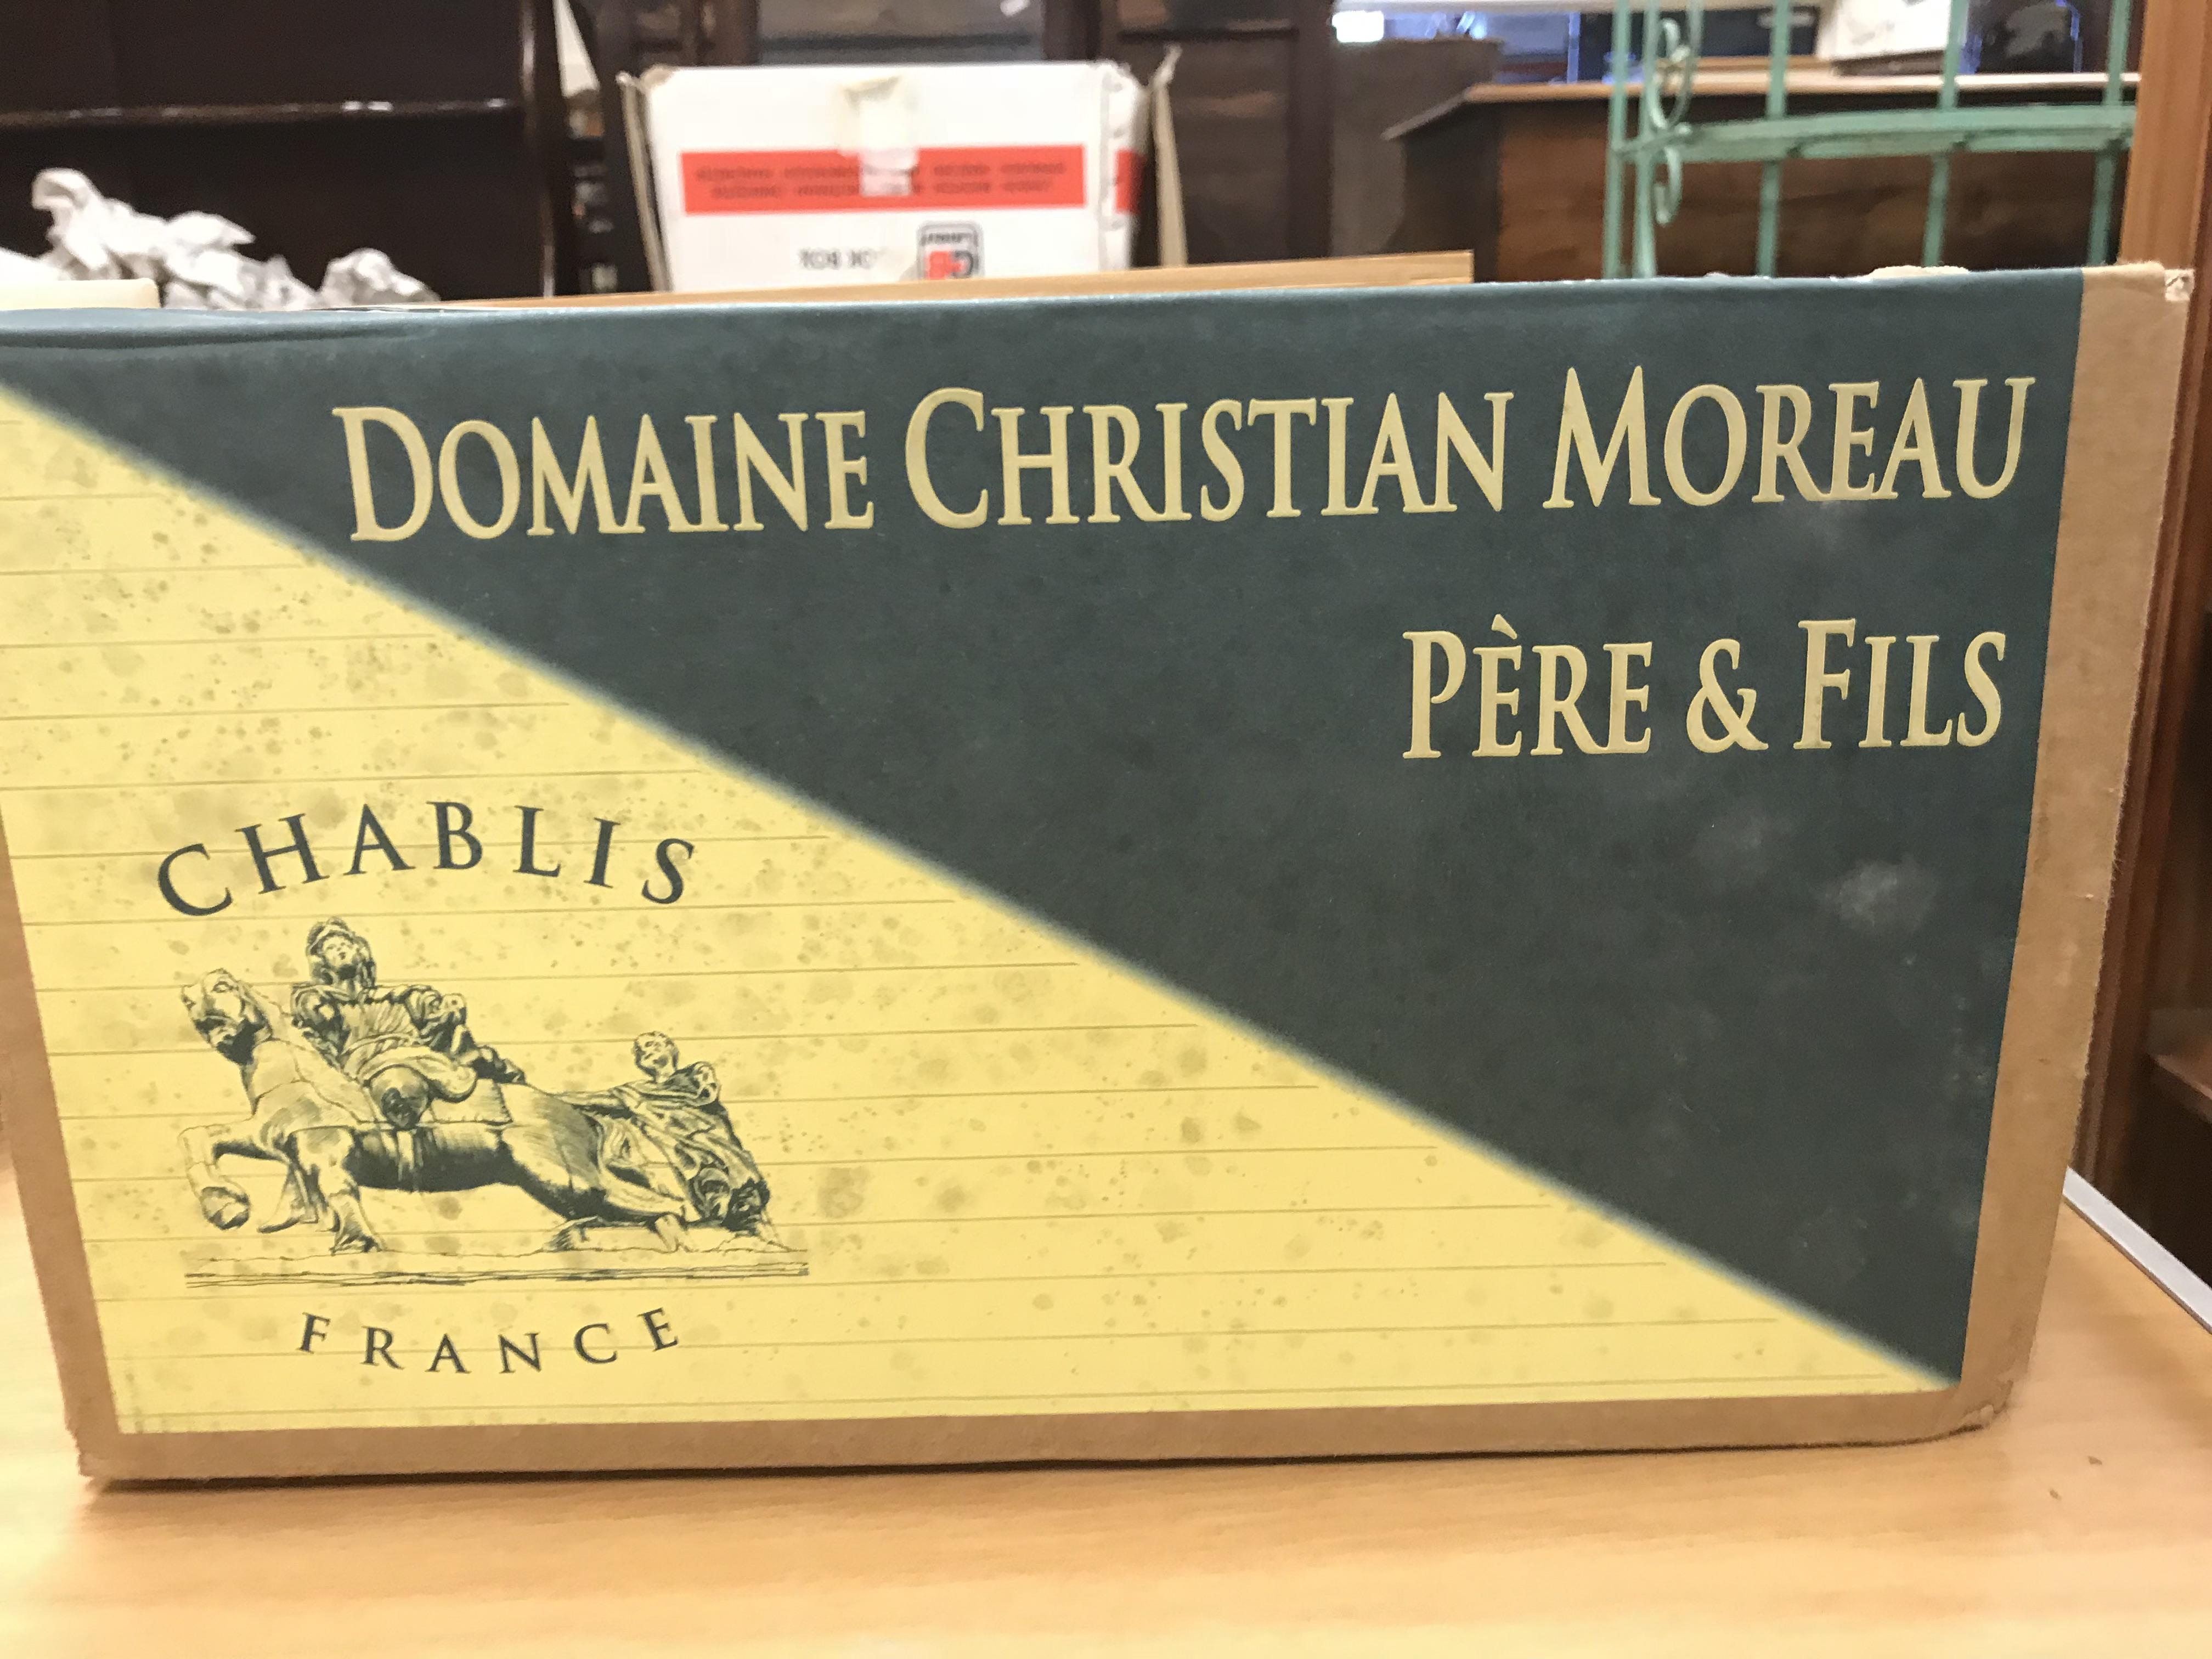 Chablis 1er Cru Vaillon Cuvé Guy Moreau 2017 x 6 bottles (boxed) - Image 2 of 2